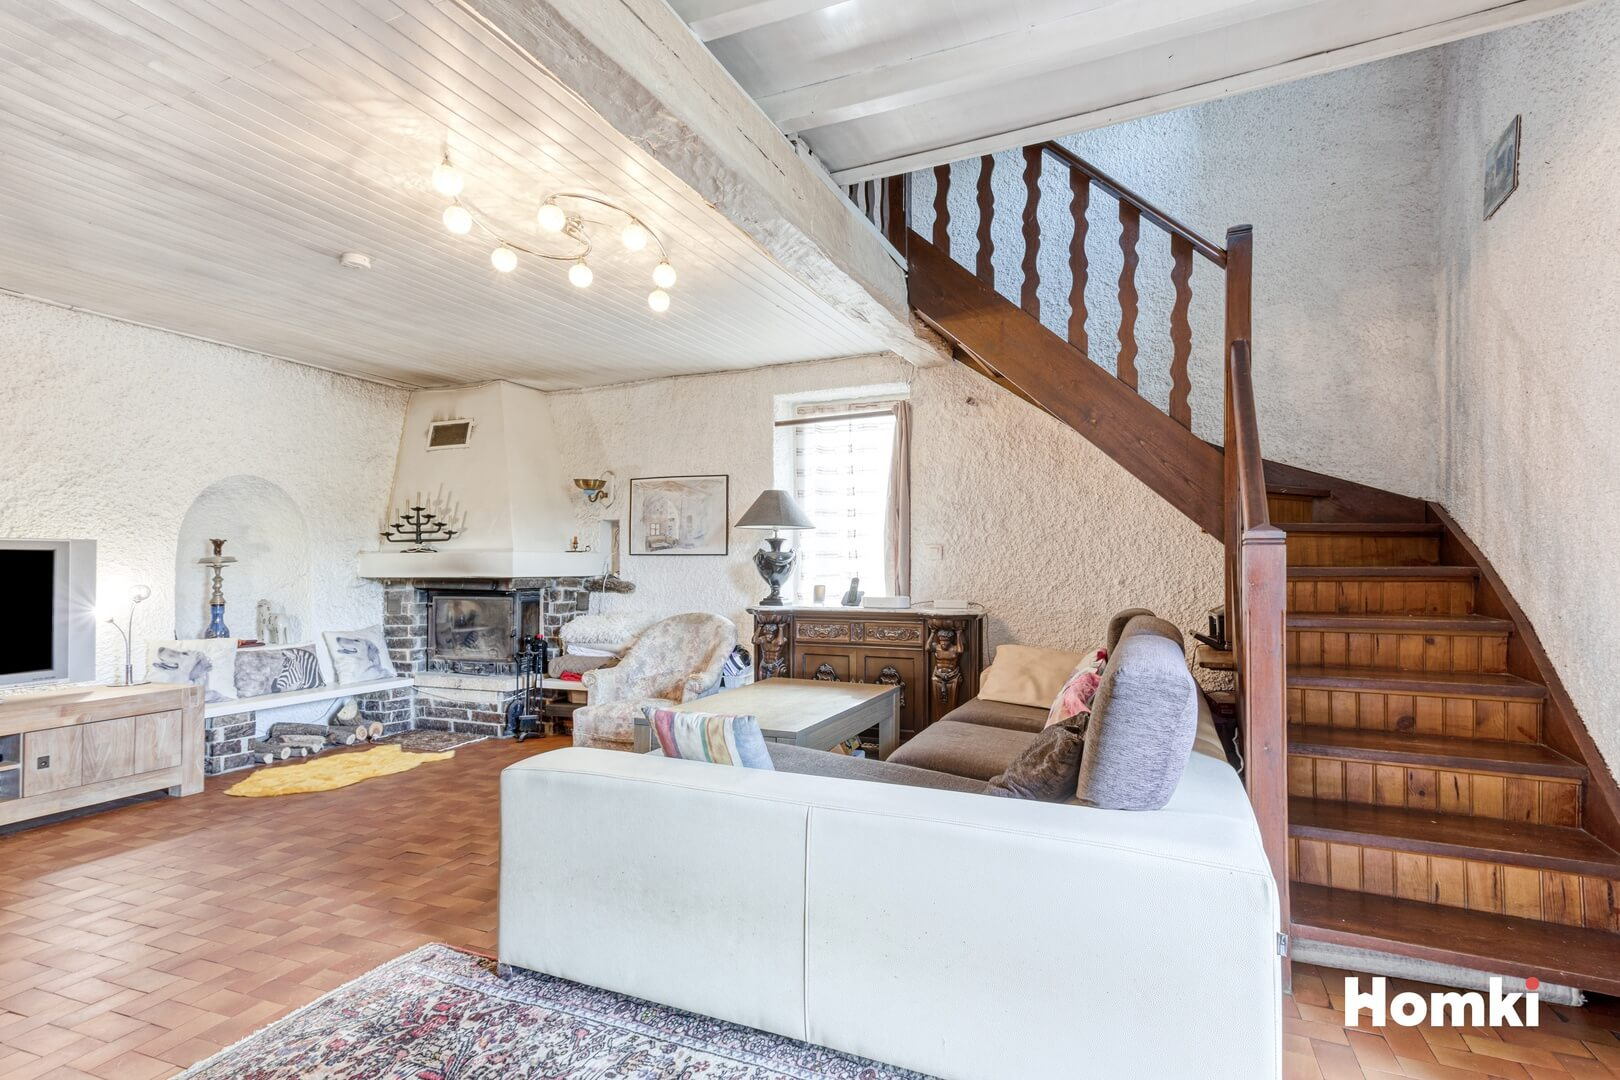 Homki - Vente Maison/villa  de 94.0 m² à Reynes 66400